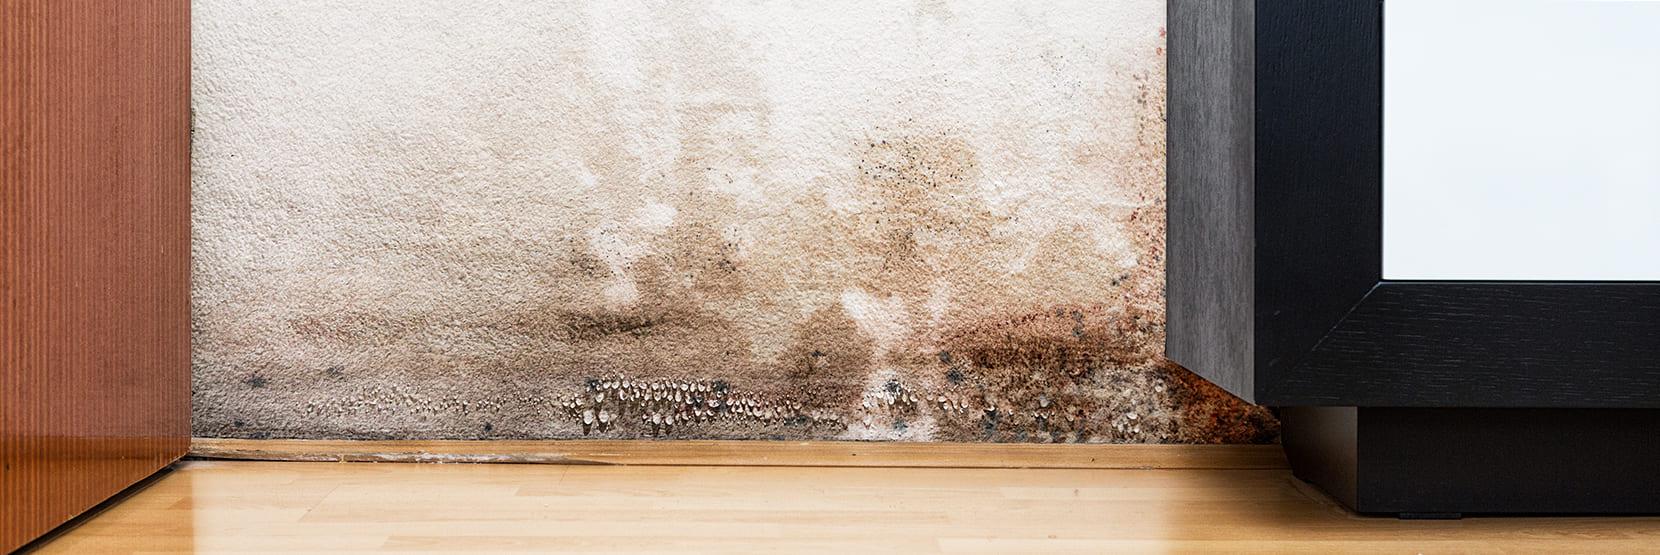 Natte muren in huis?